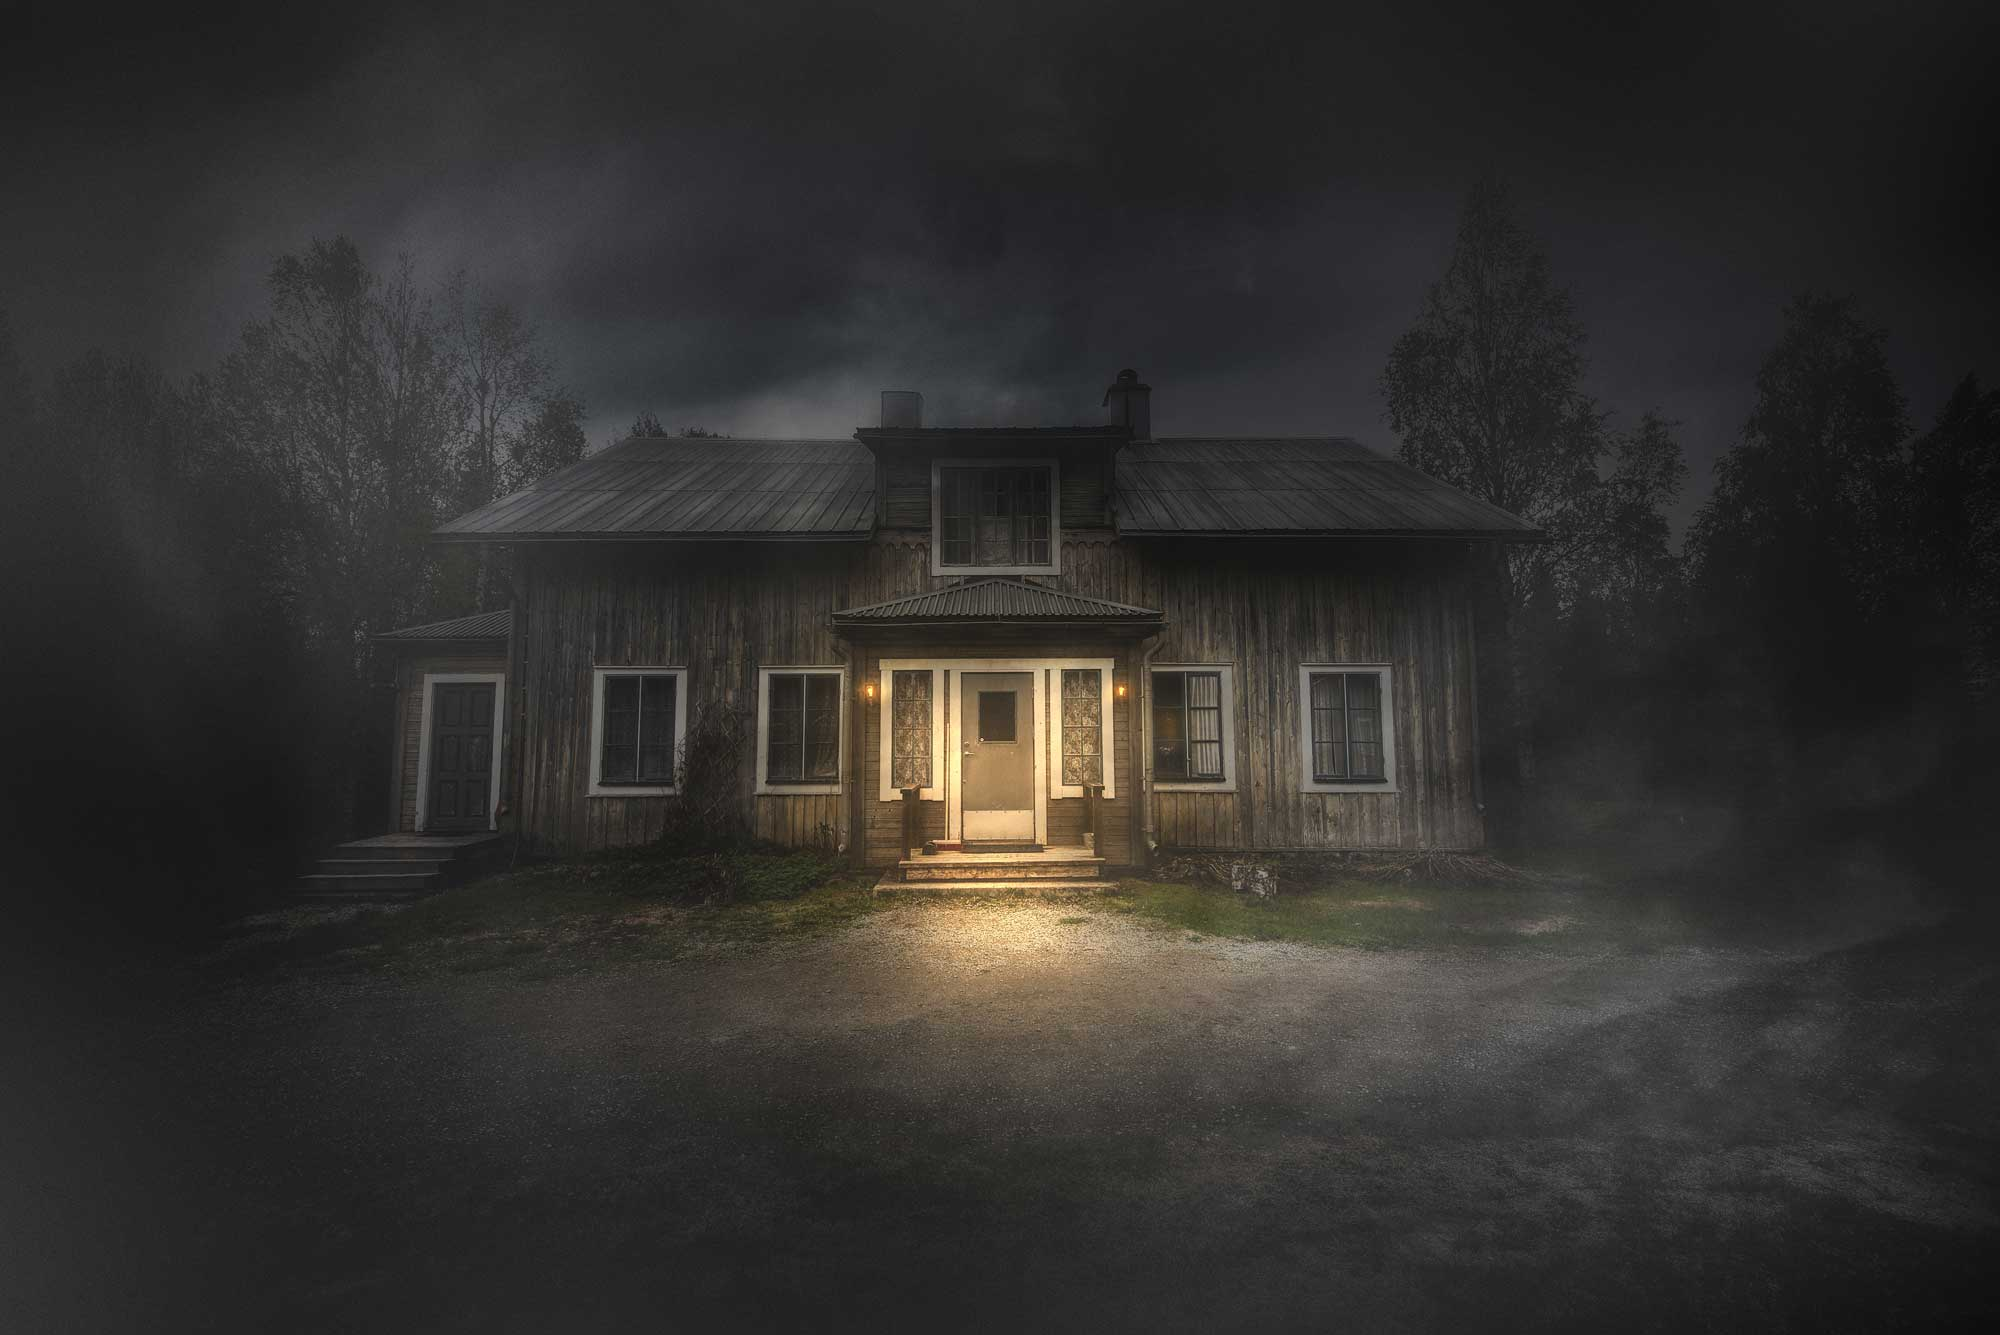 Vinn en natt i Spökprästgården